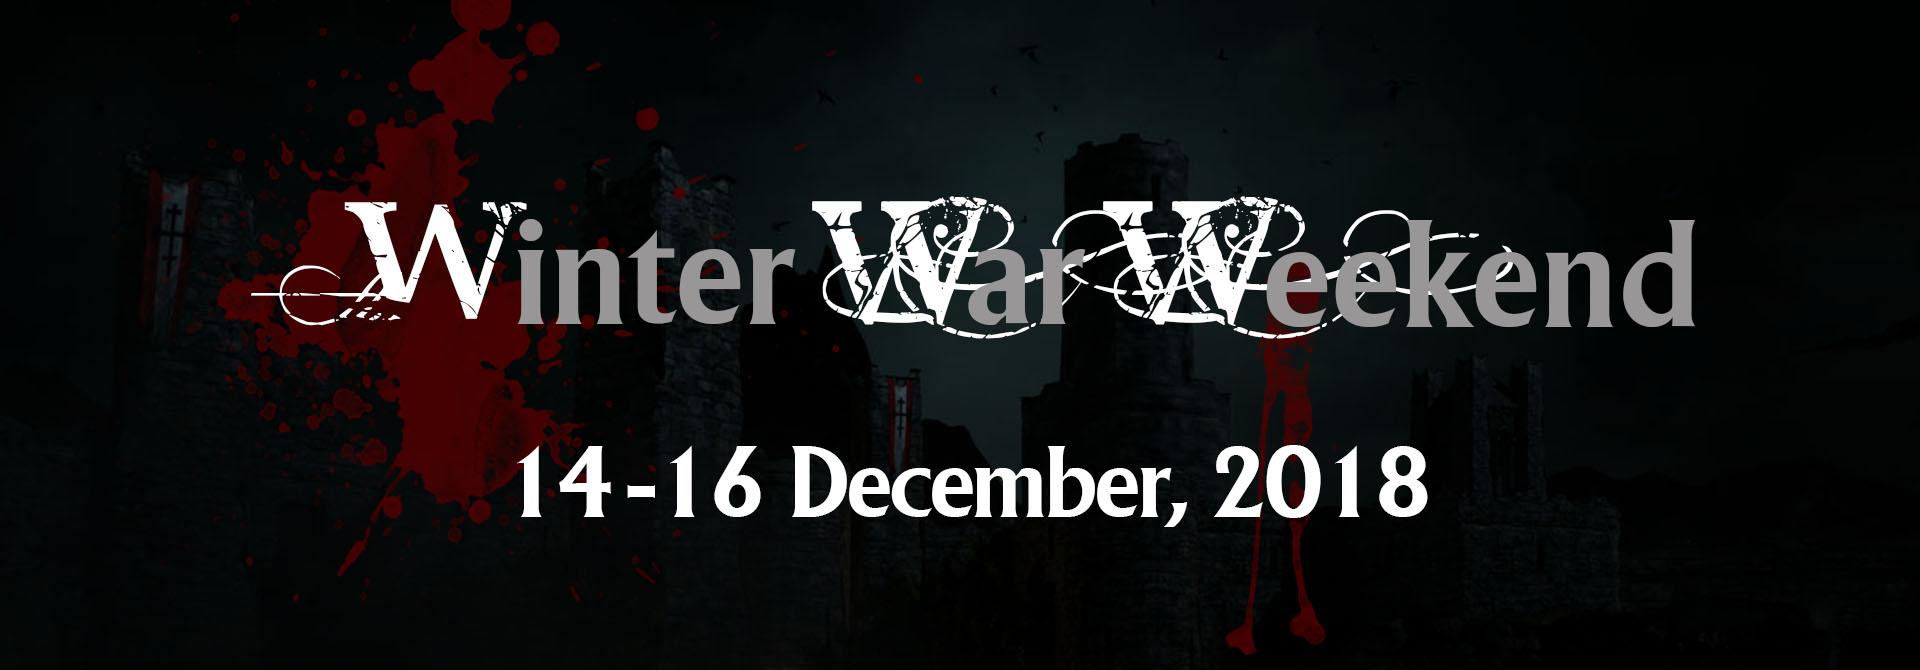 WinterWarWeekend banner